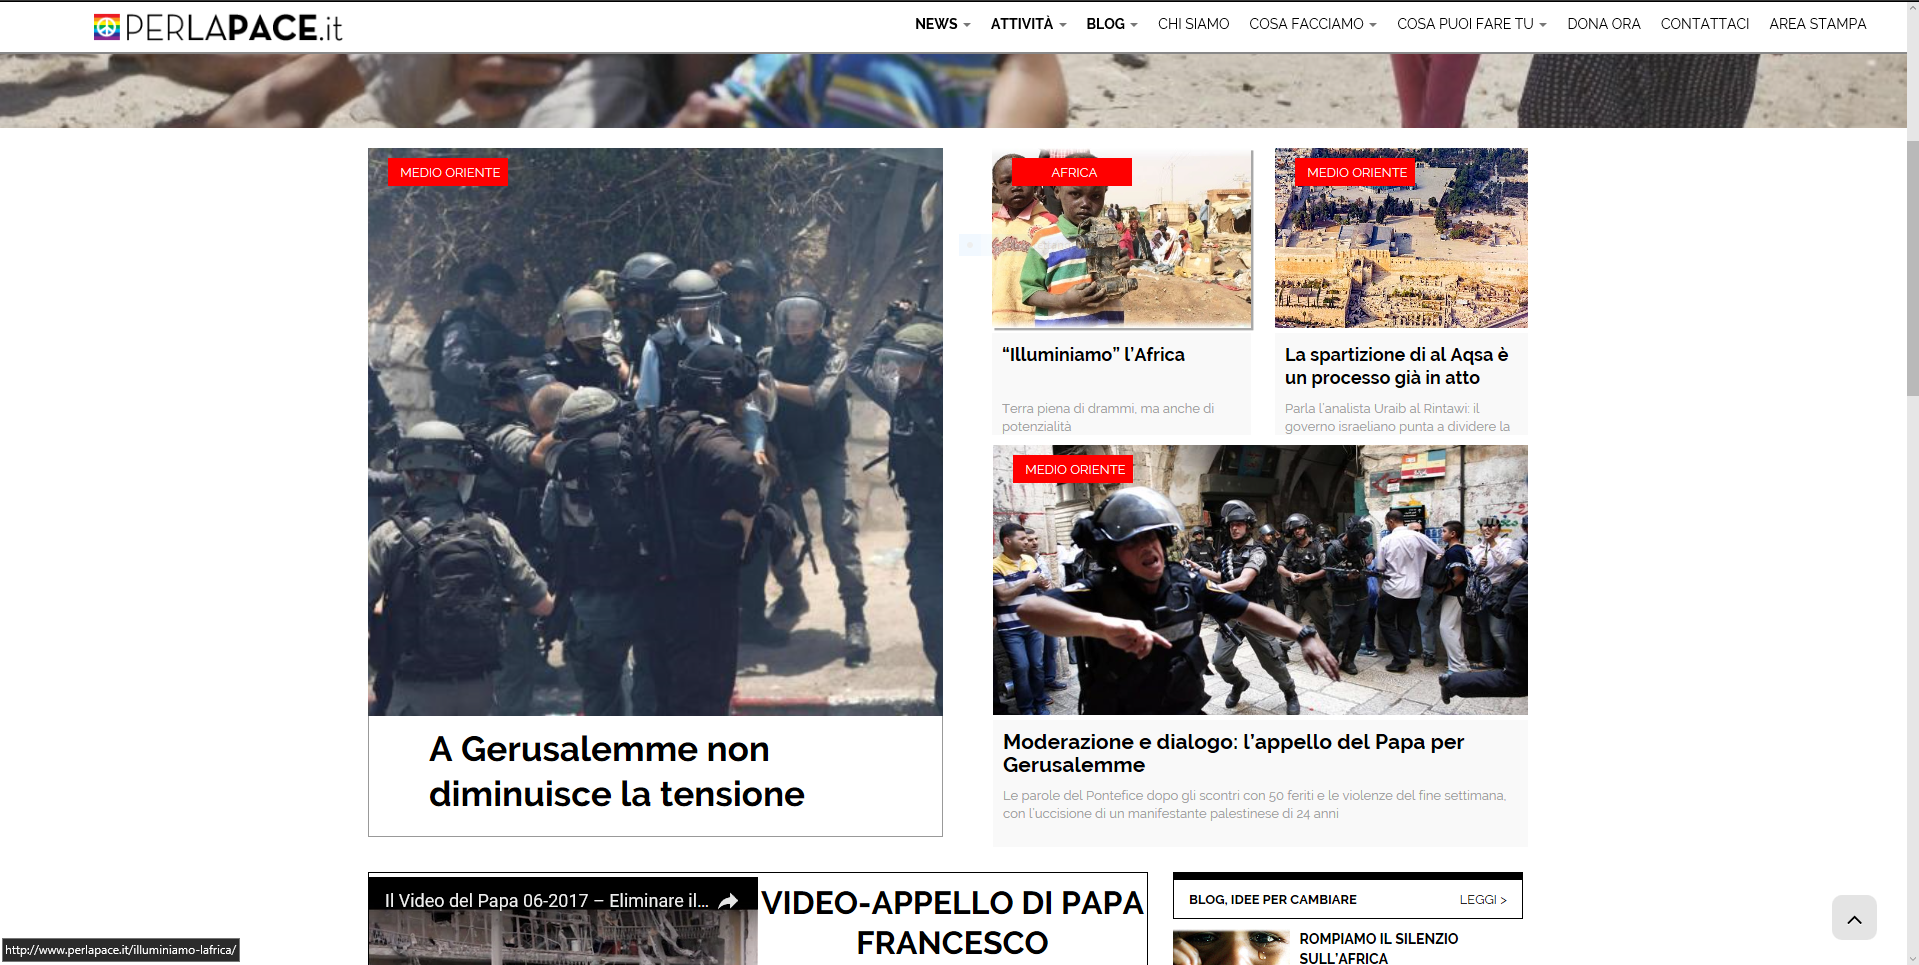 perlapace.it il portale italiano della pace